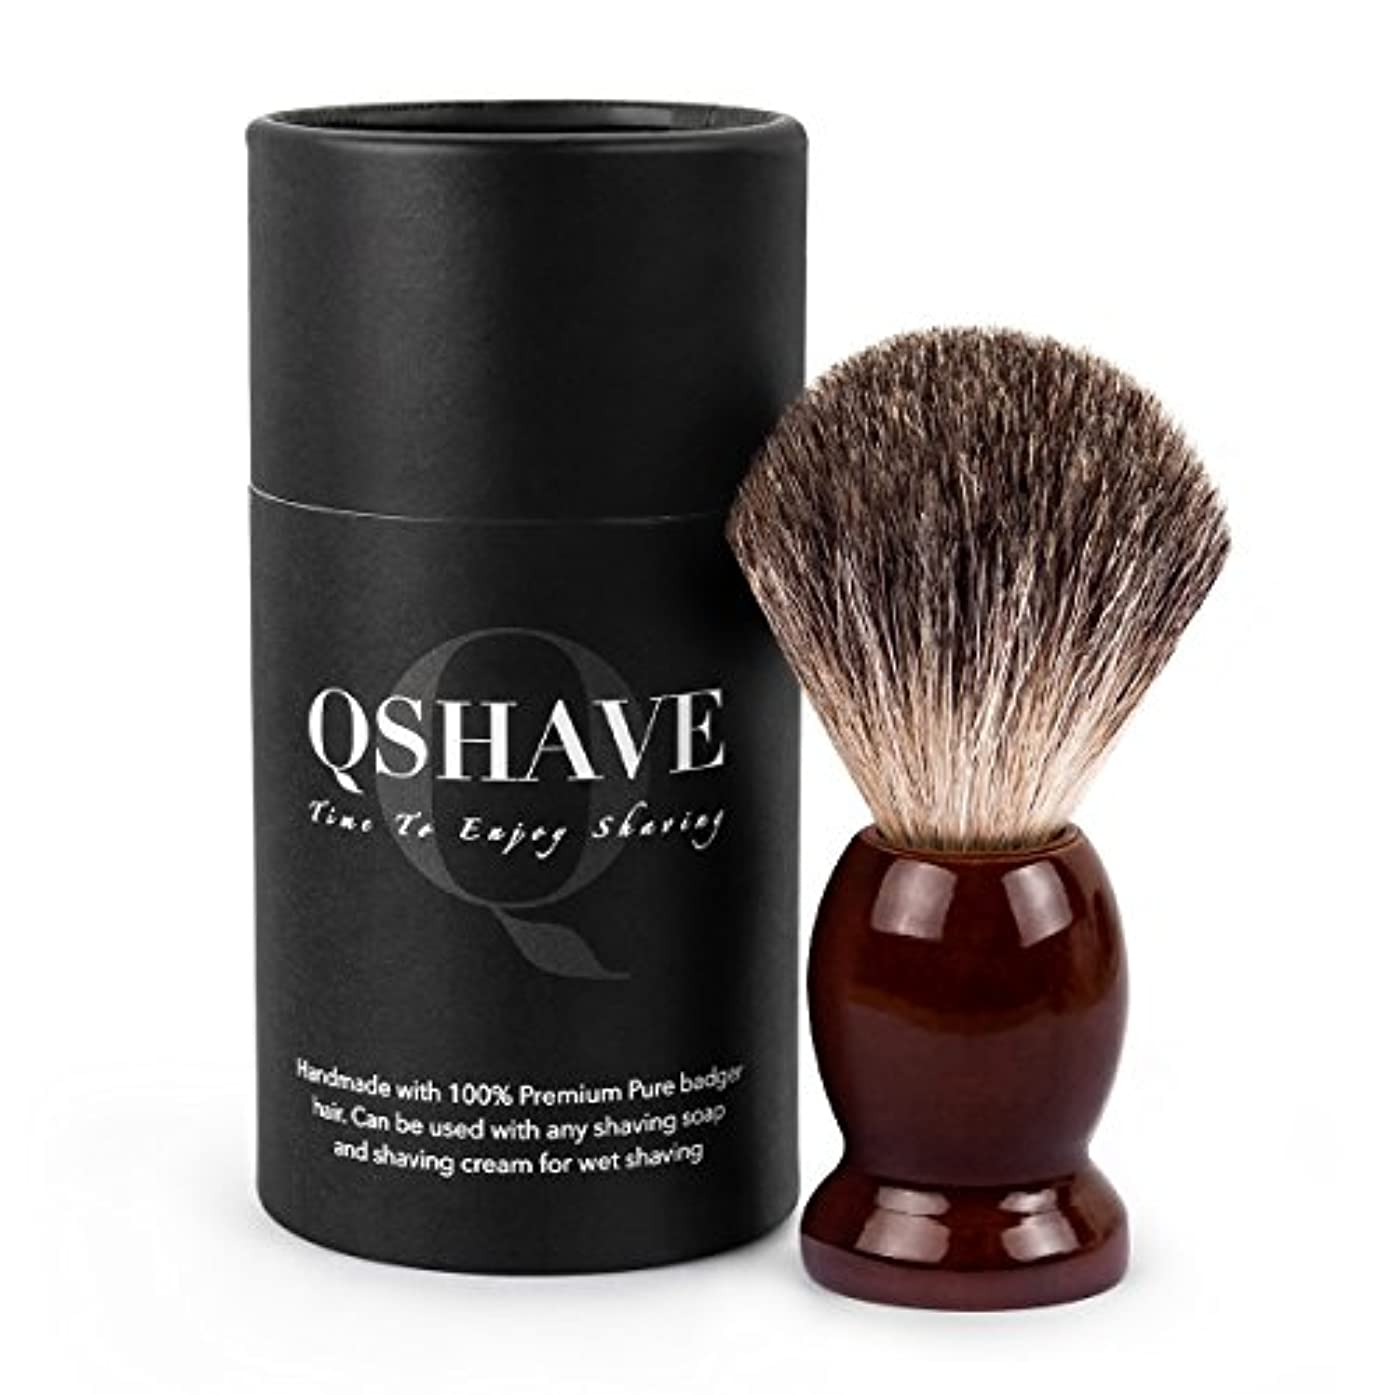 ペチコート含む定数QSHAVE 100%最高級アナグマ毛オリジナルハンドメイドシェービングブラシ。木製ベース。ウェットシェービング、安全カミソリ、両刃カミソリに最適